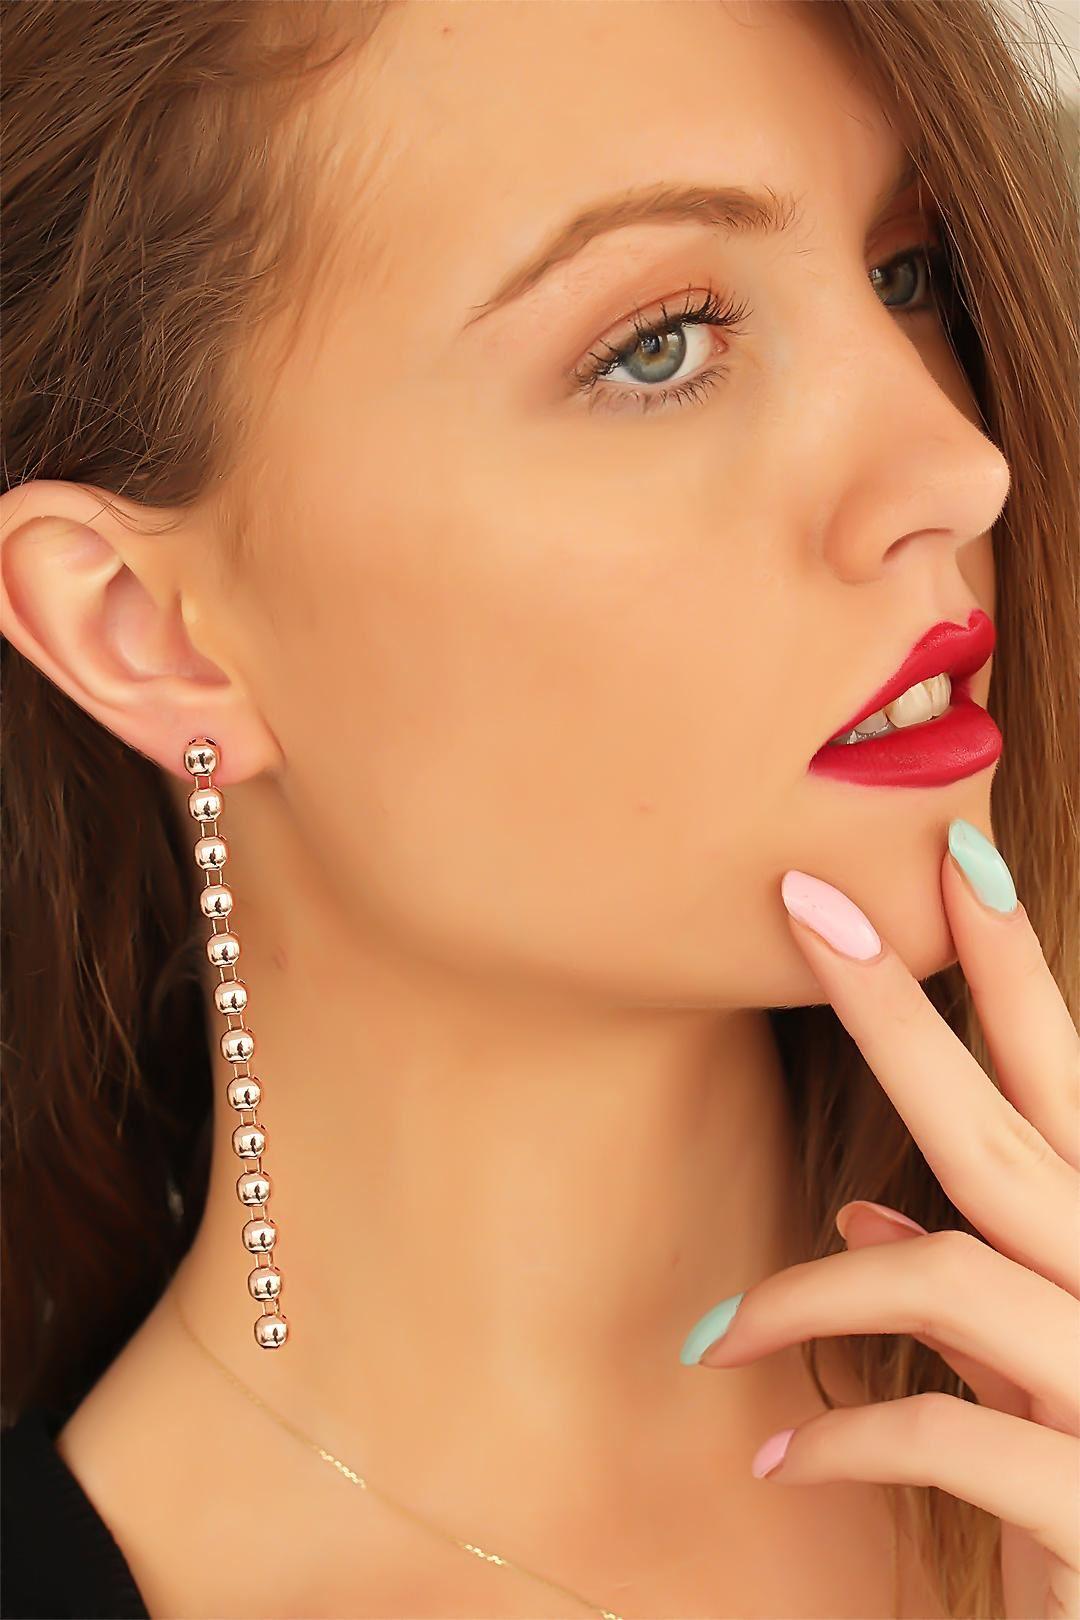 Rose Renk Top Zincirli Bayan Sallantı Küpe